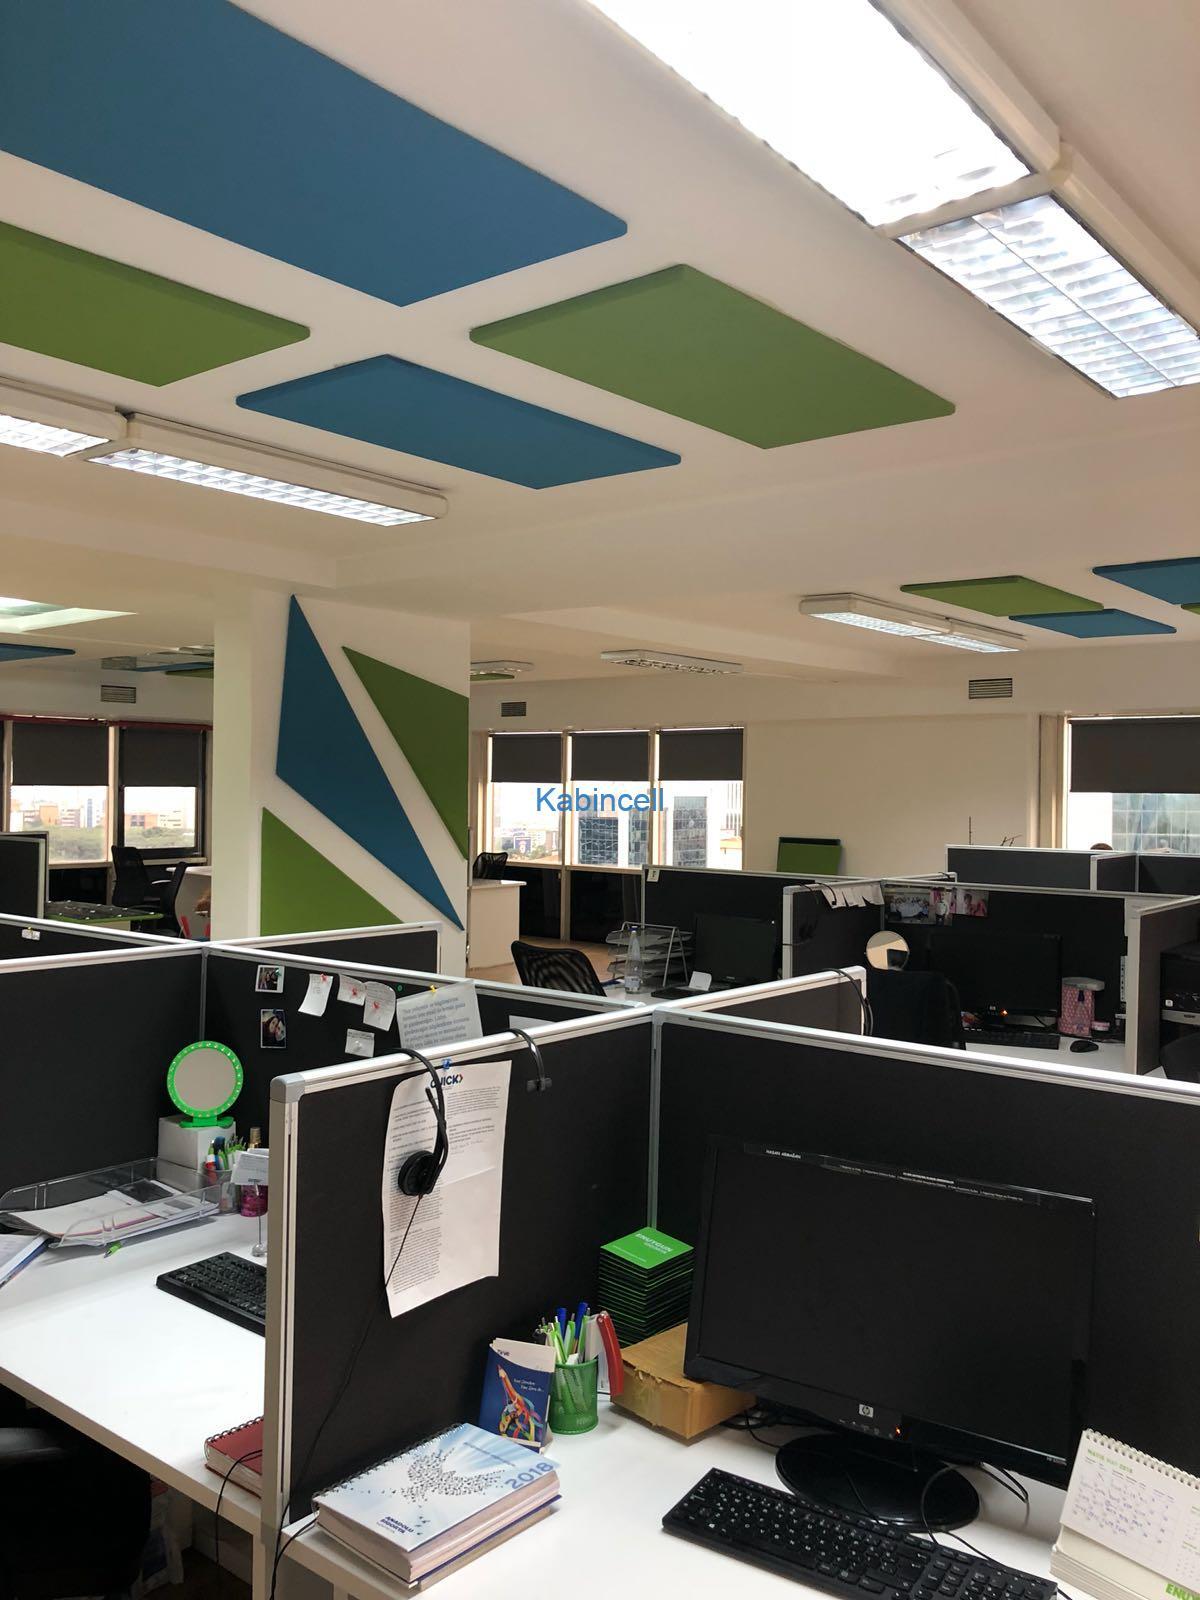 ofis-akustigi-en-uygun-sigorta-akustik-kaplama